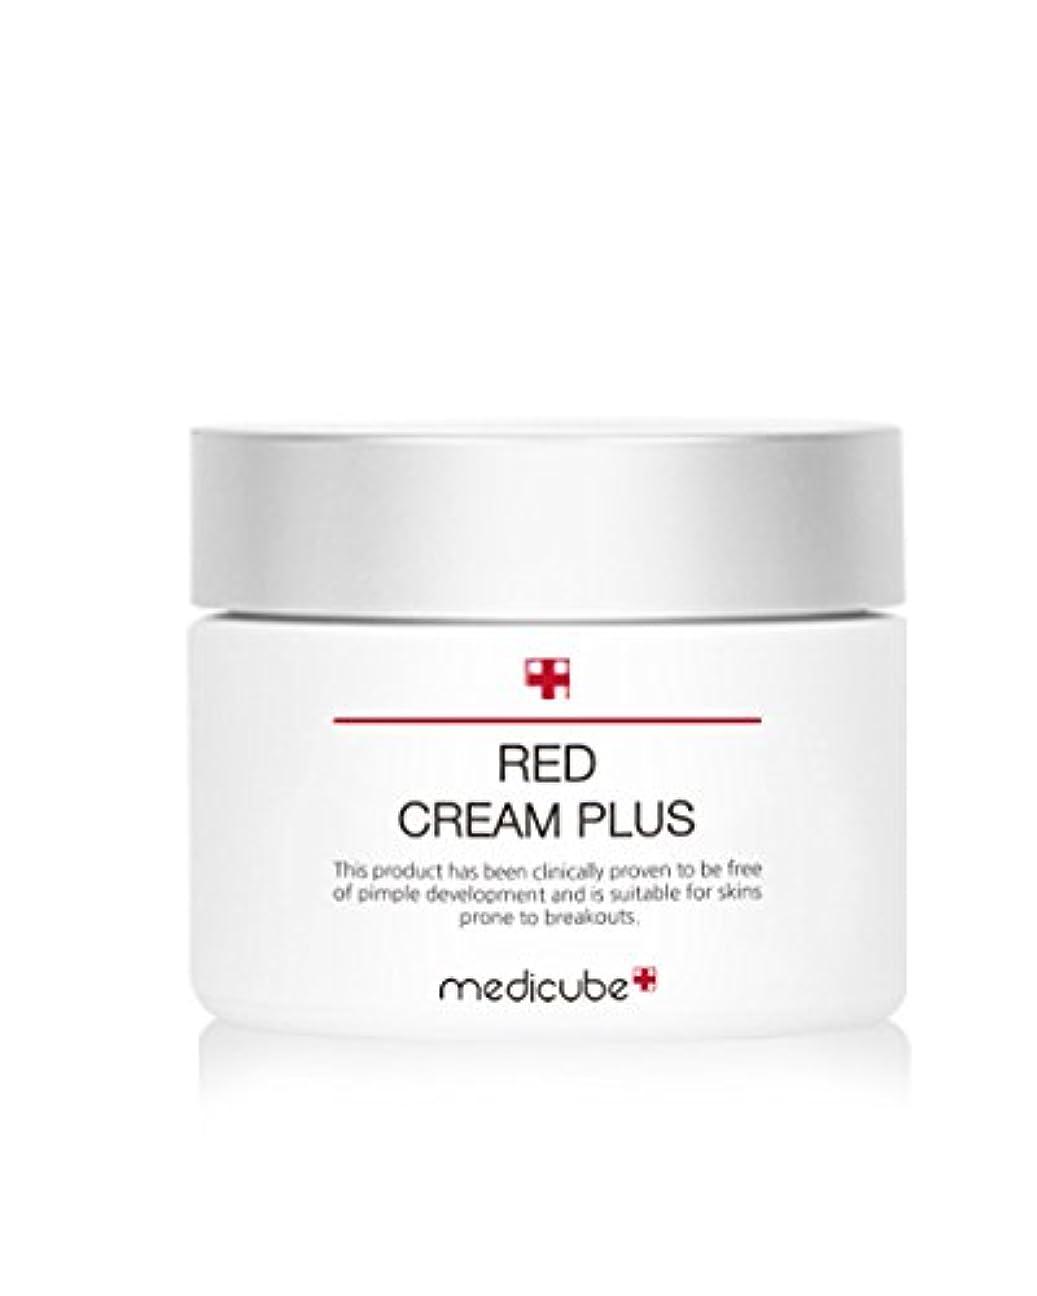 特派員シャワー重要[Medicube]メディキューブ レッド クリーム プラス 大容量 100ml / Medicube Red Cream Plus 100ml [並行輸入品]